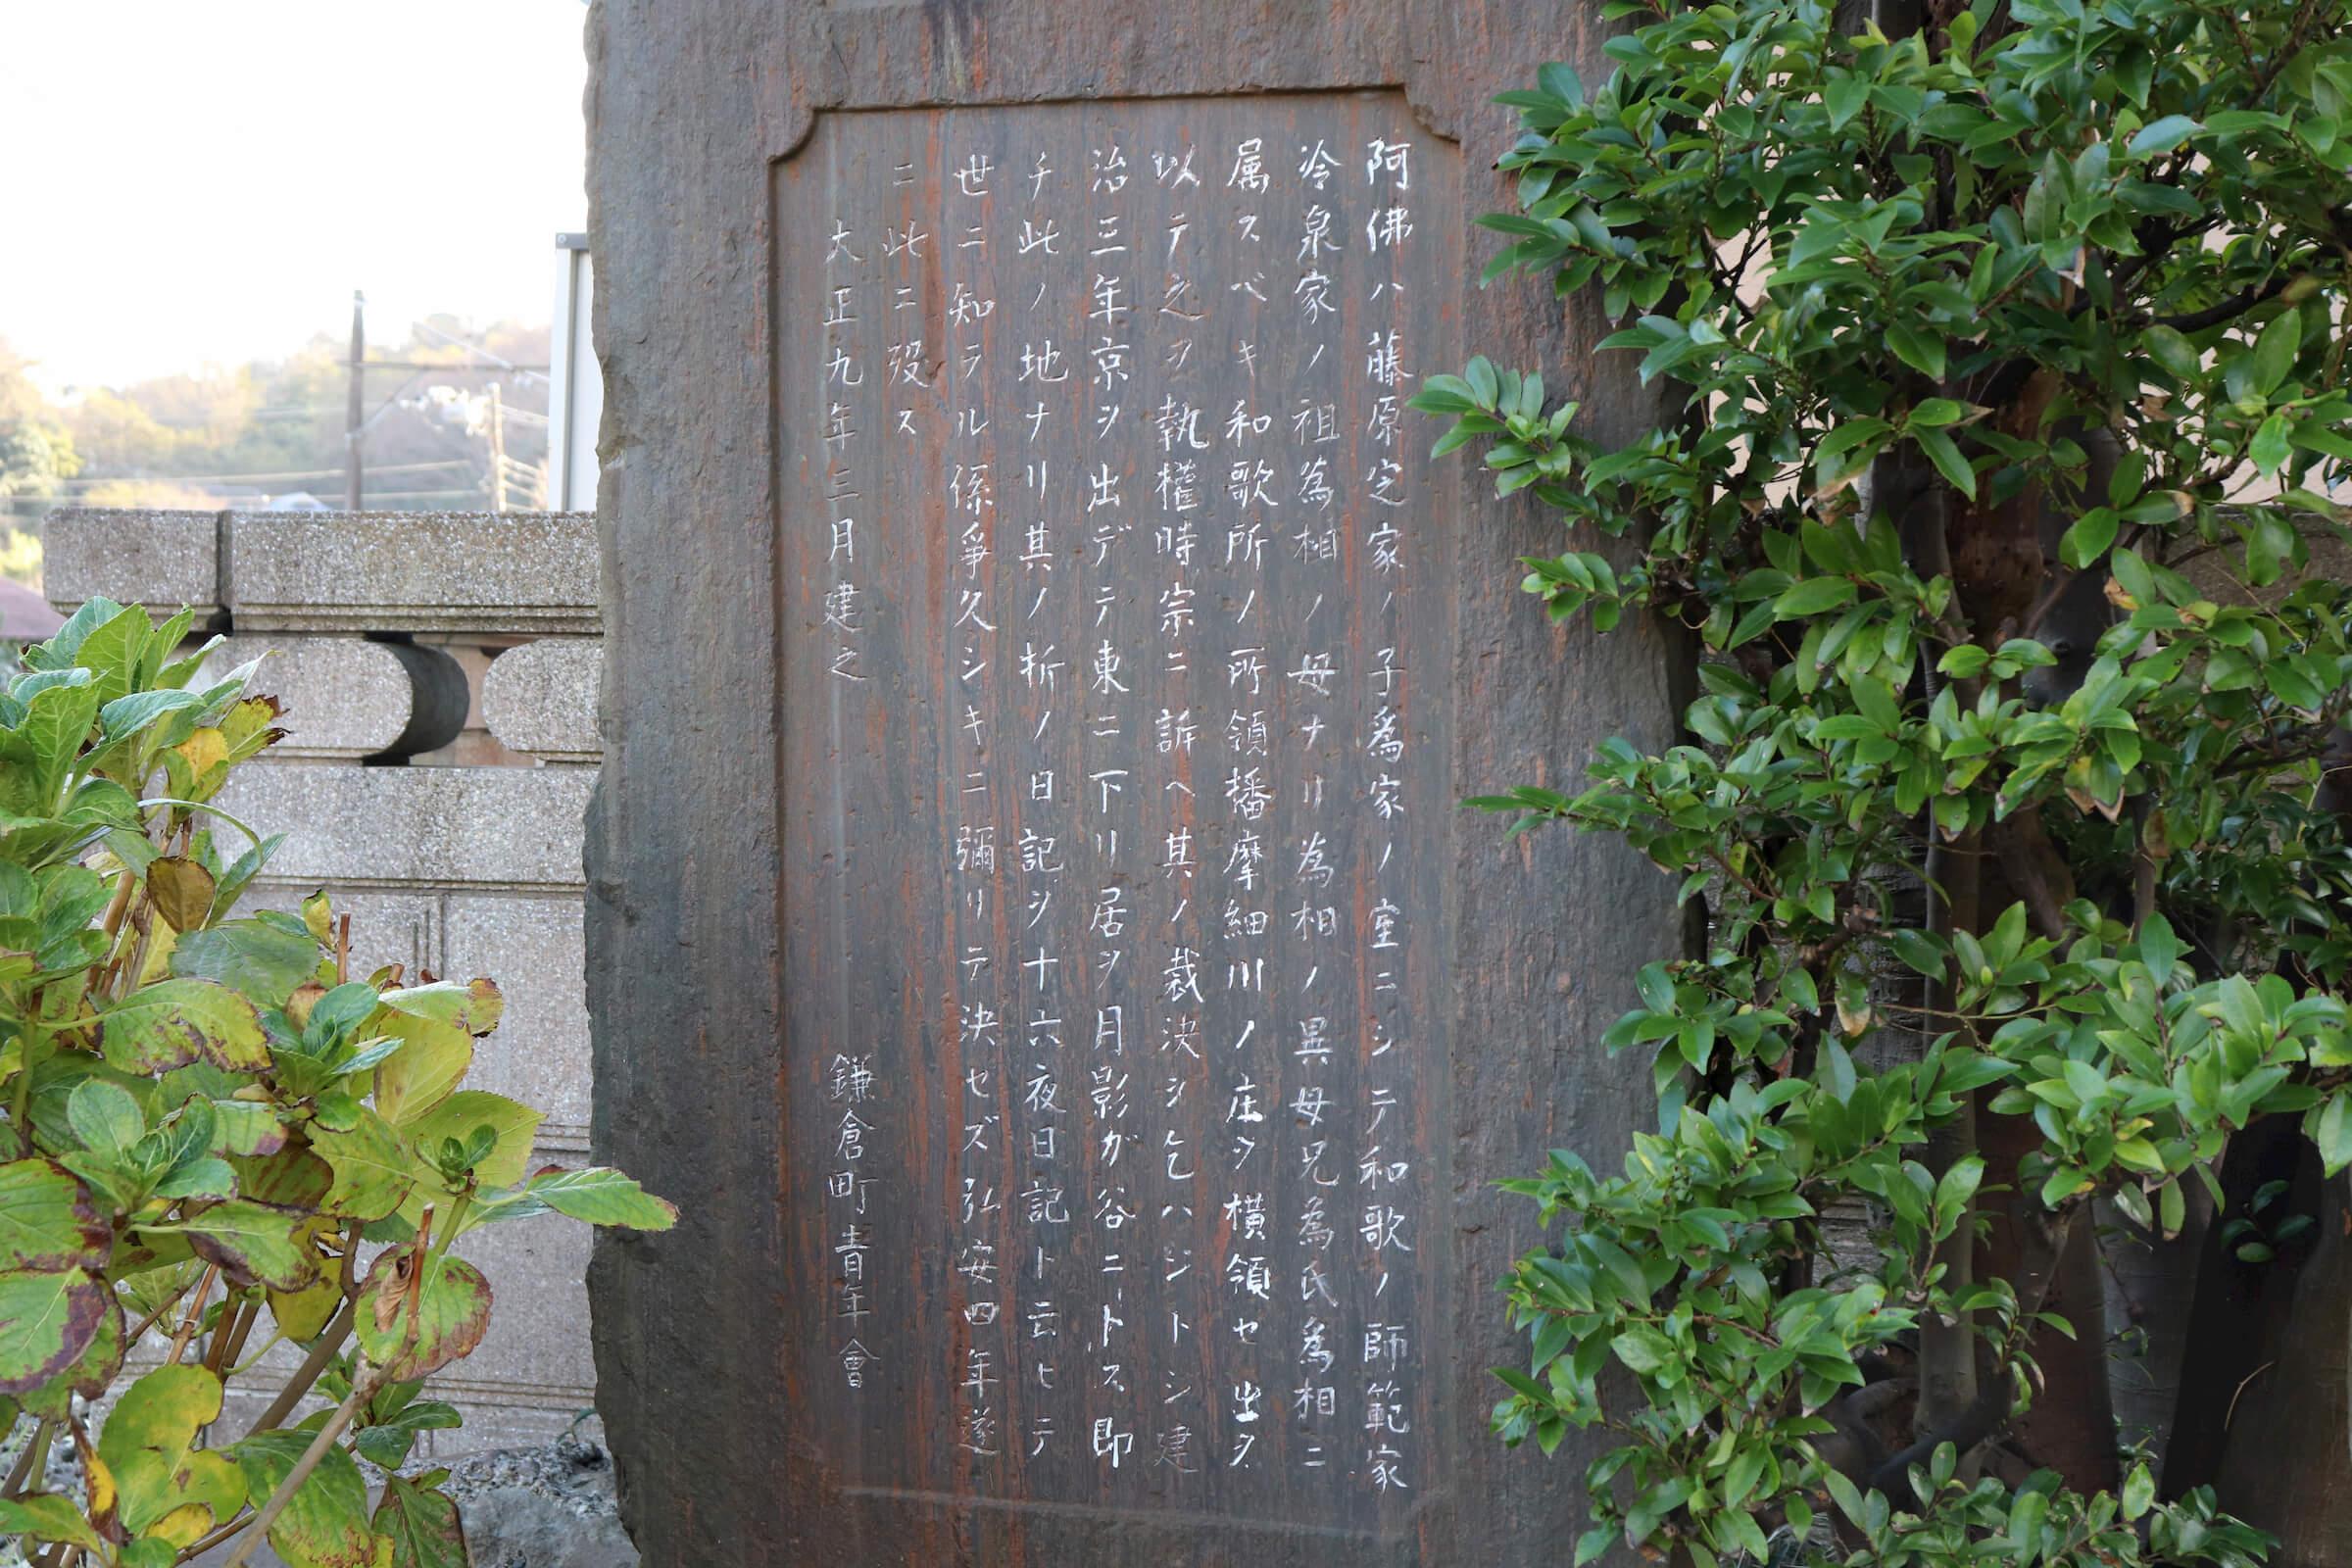 阿仏尼邸跡地の石碑の文字